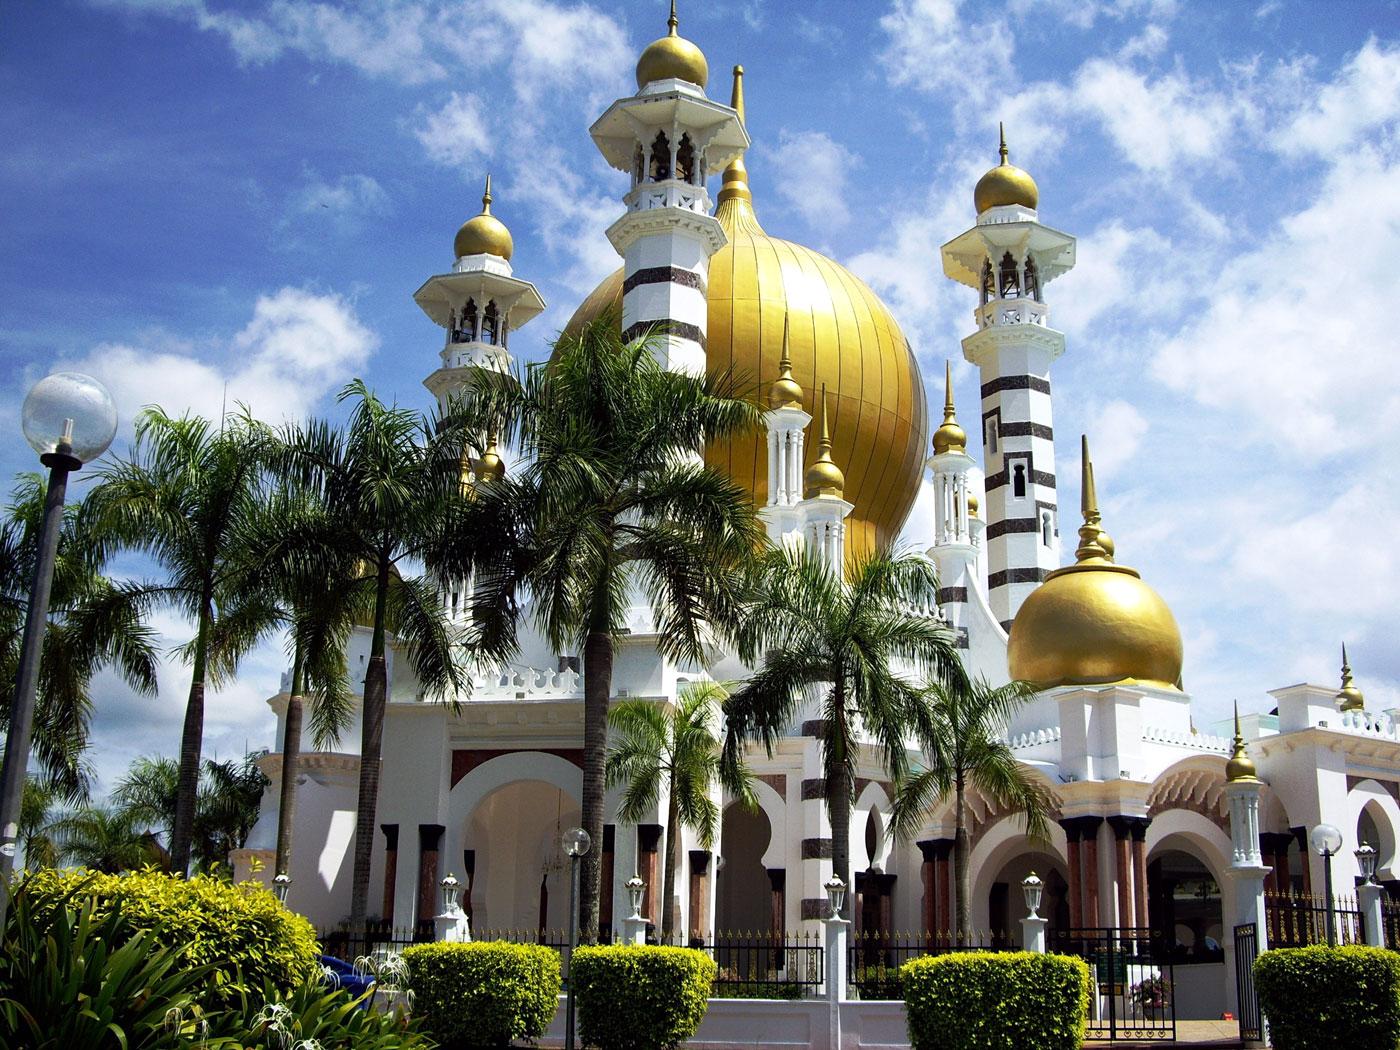 Kuala Kangsar Malaysia  City pictures : ubudiah moschee ort kuala kangsar malaysia auf der karte jahr 1917 ...